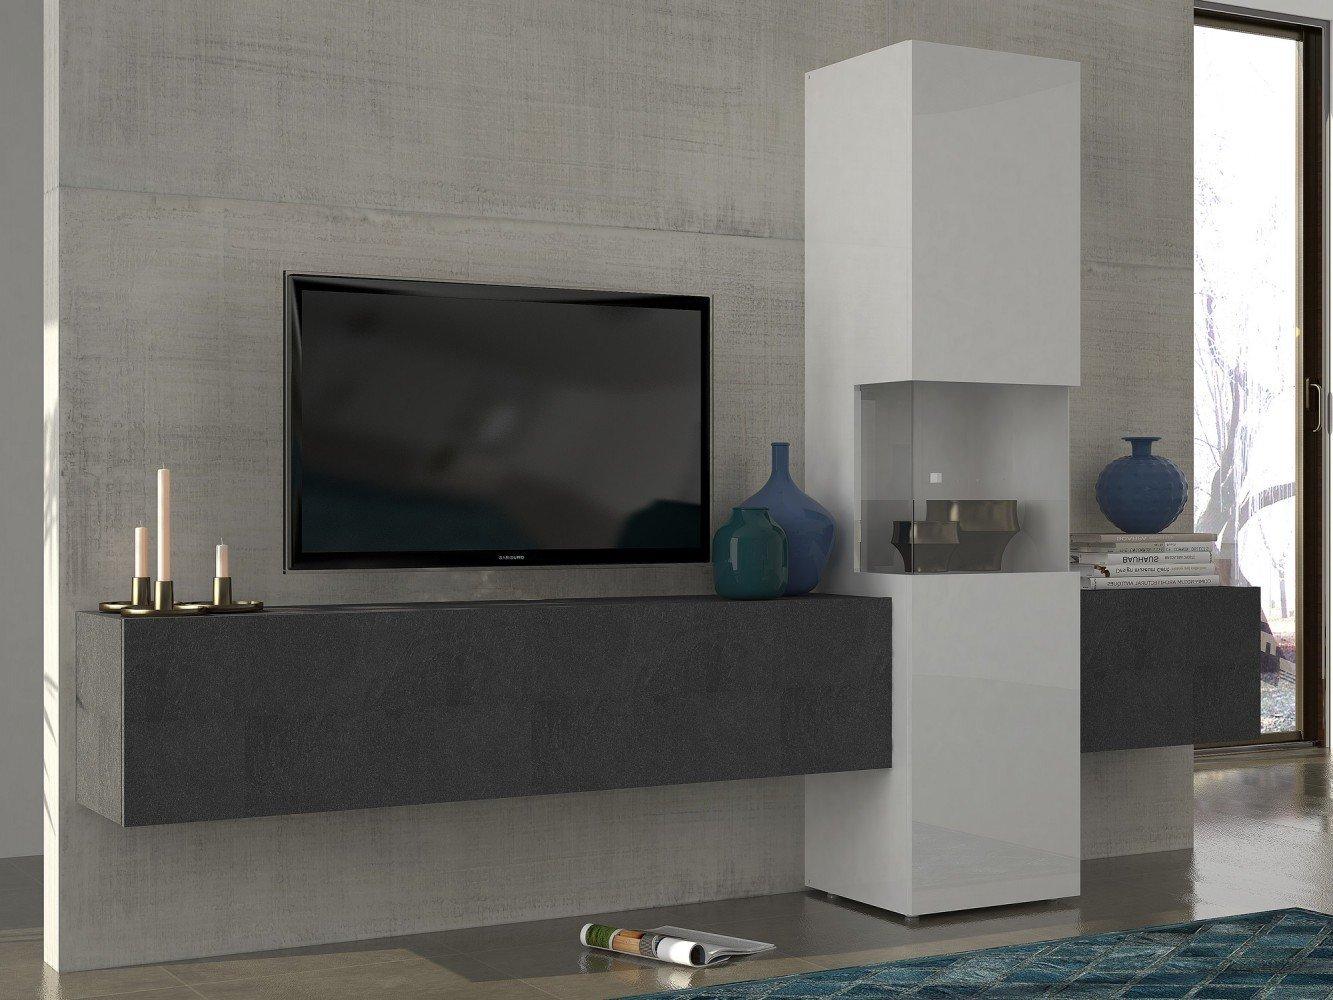 Fabelhaft Wohnzimmerschrank Hängend Das Beste Von Tecnos Wohnwand | Mediawand | Wohnzimmer-schrank |